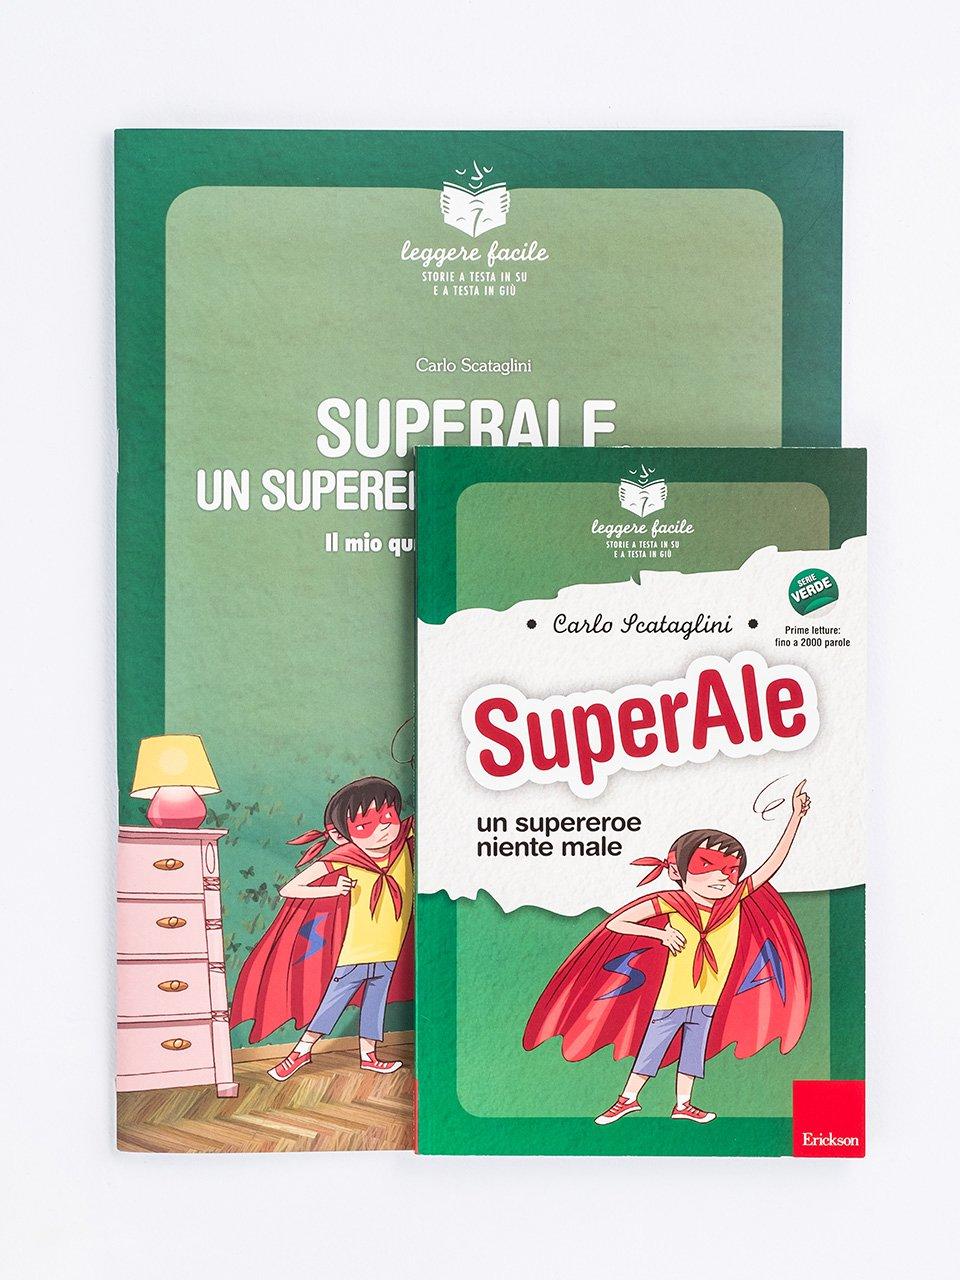 SuperAle, un supereroe niente male - Libri sulla Difficoltà di Linguaggio - Erickson